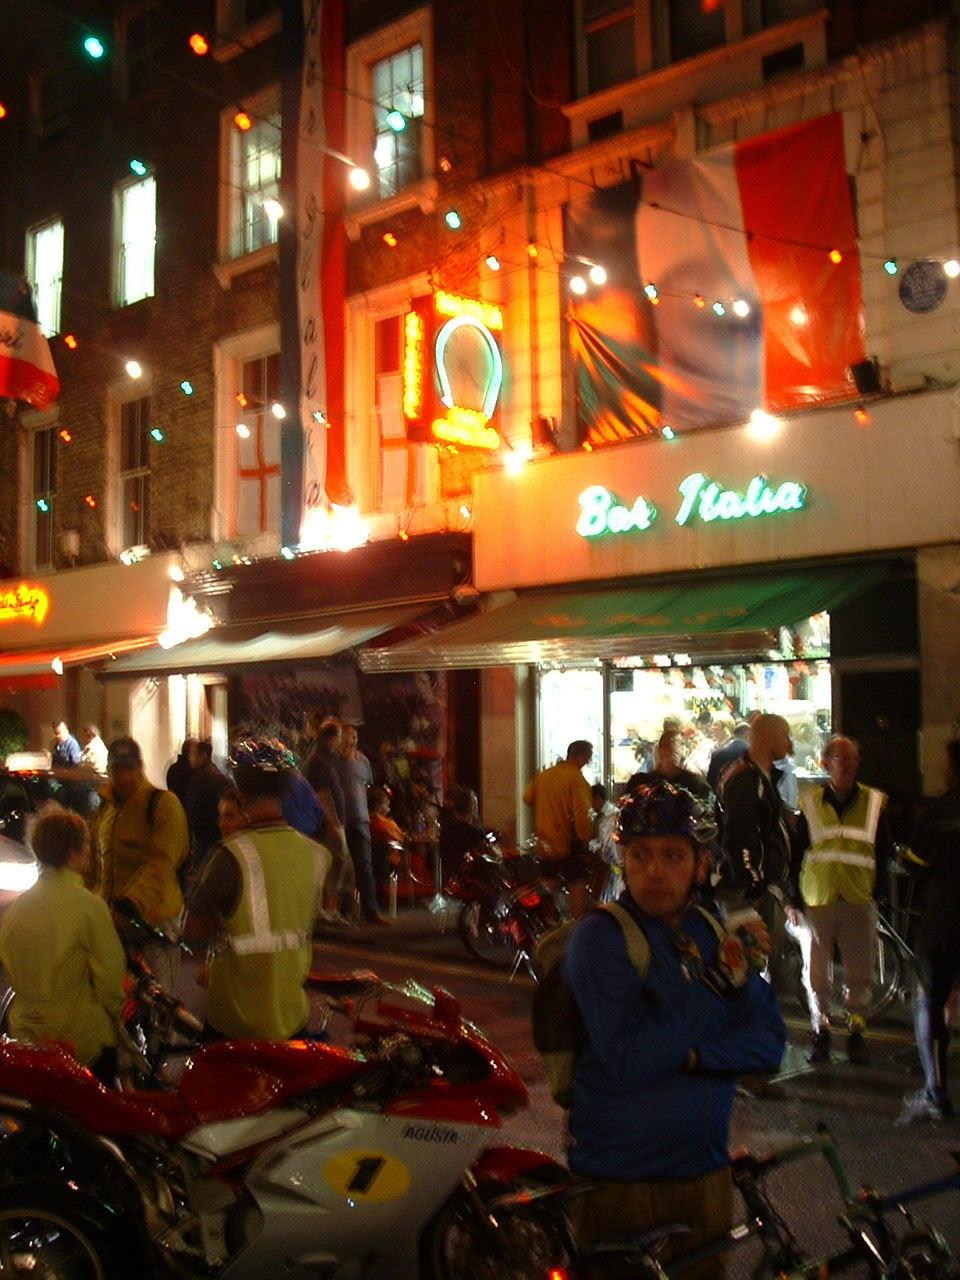 Cafe Italia on Frith Street, 3.30am